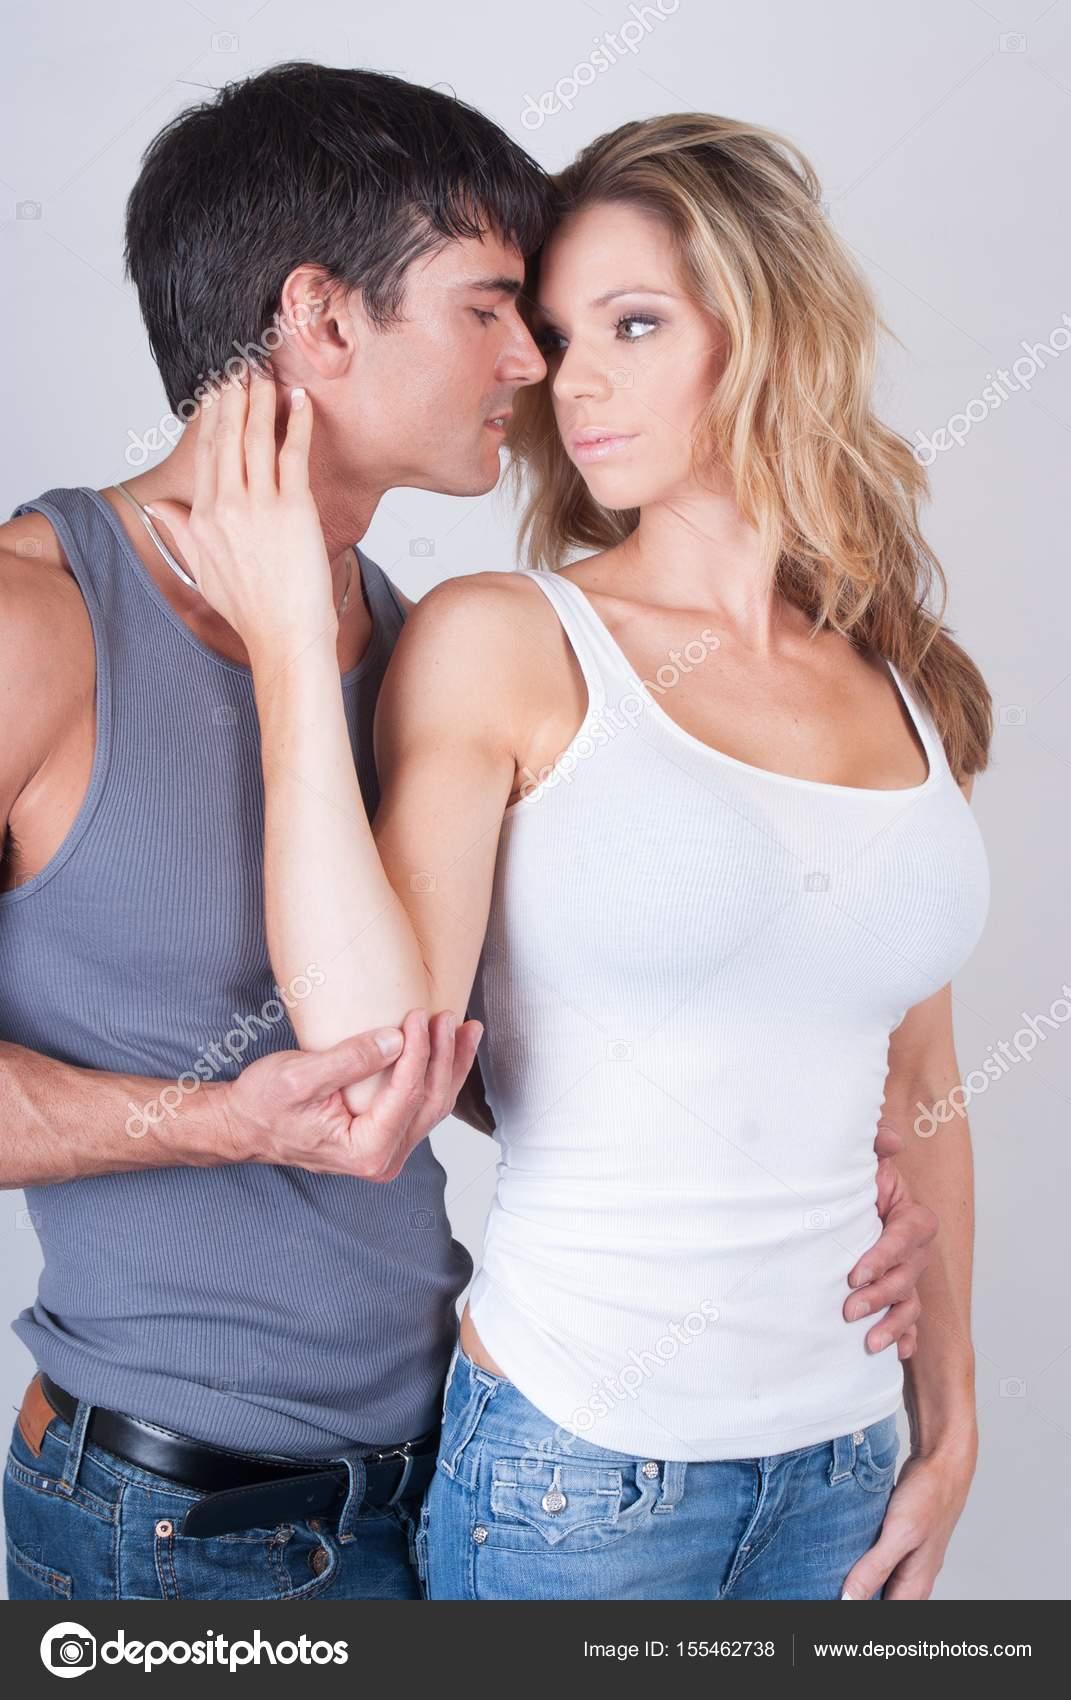 να είναι άτακτος dating